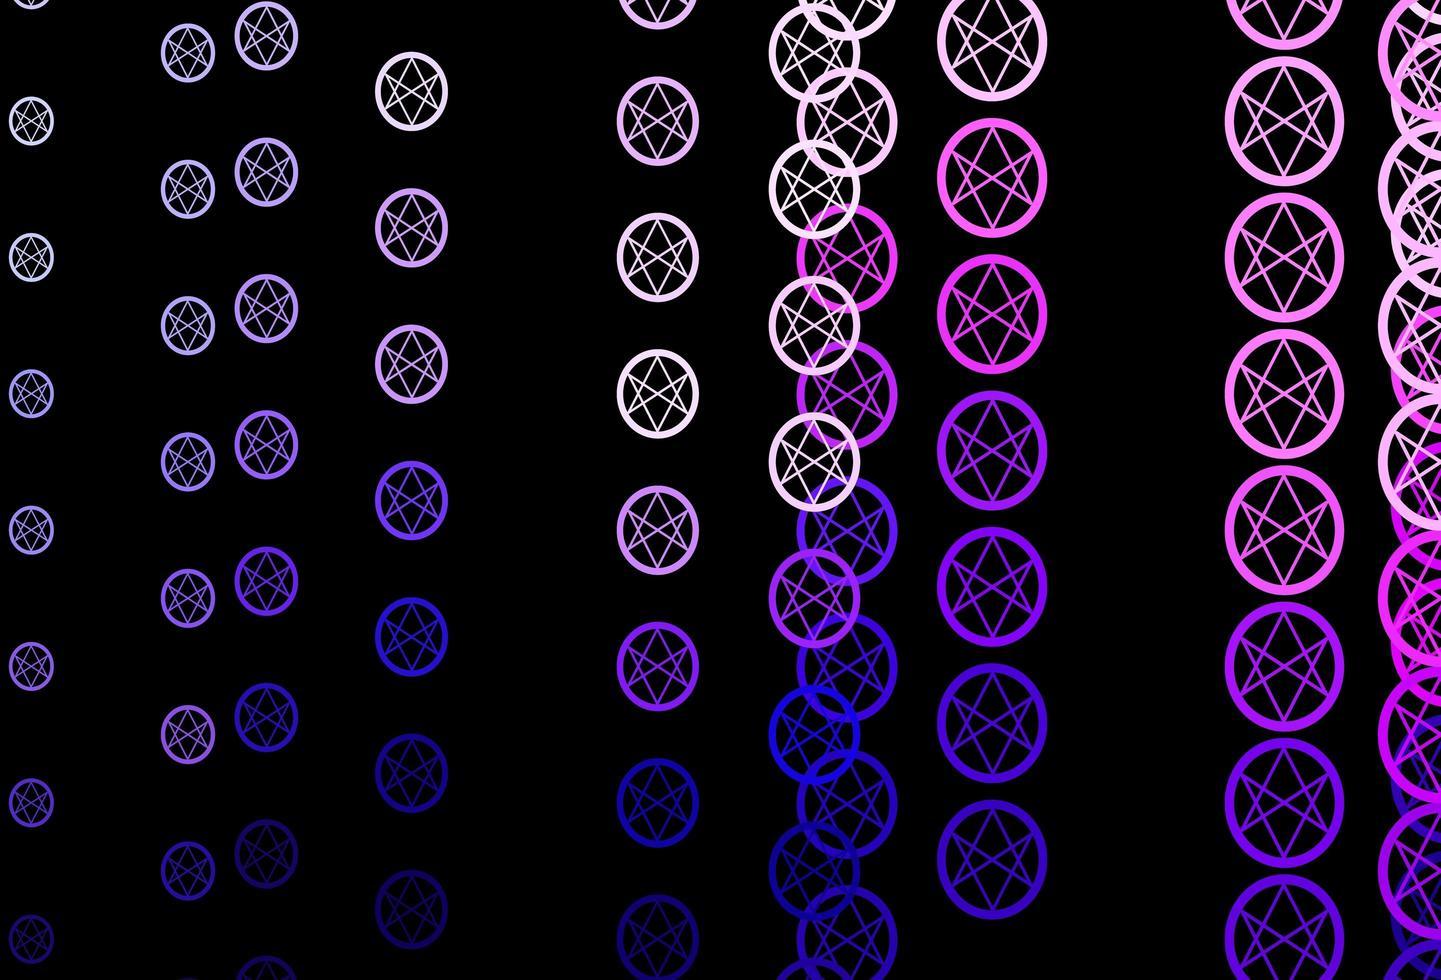 mörkrosa vektorbakgrund med ockulta symboler. vektor